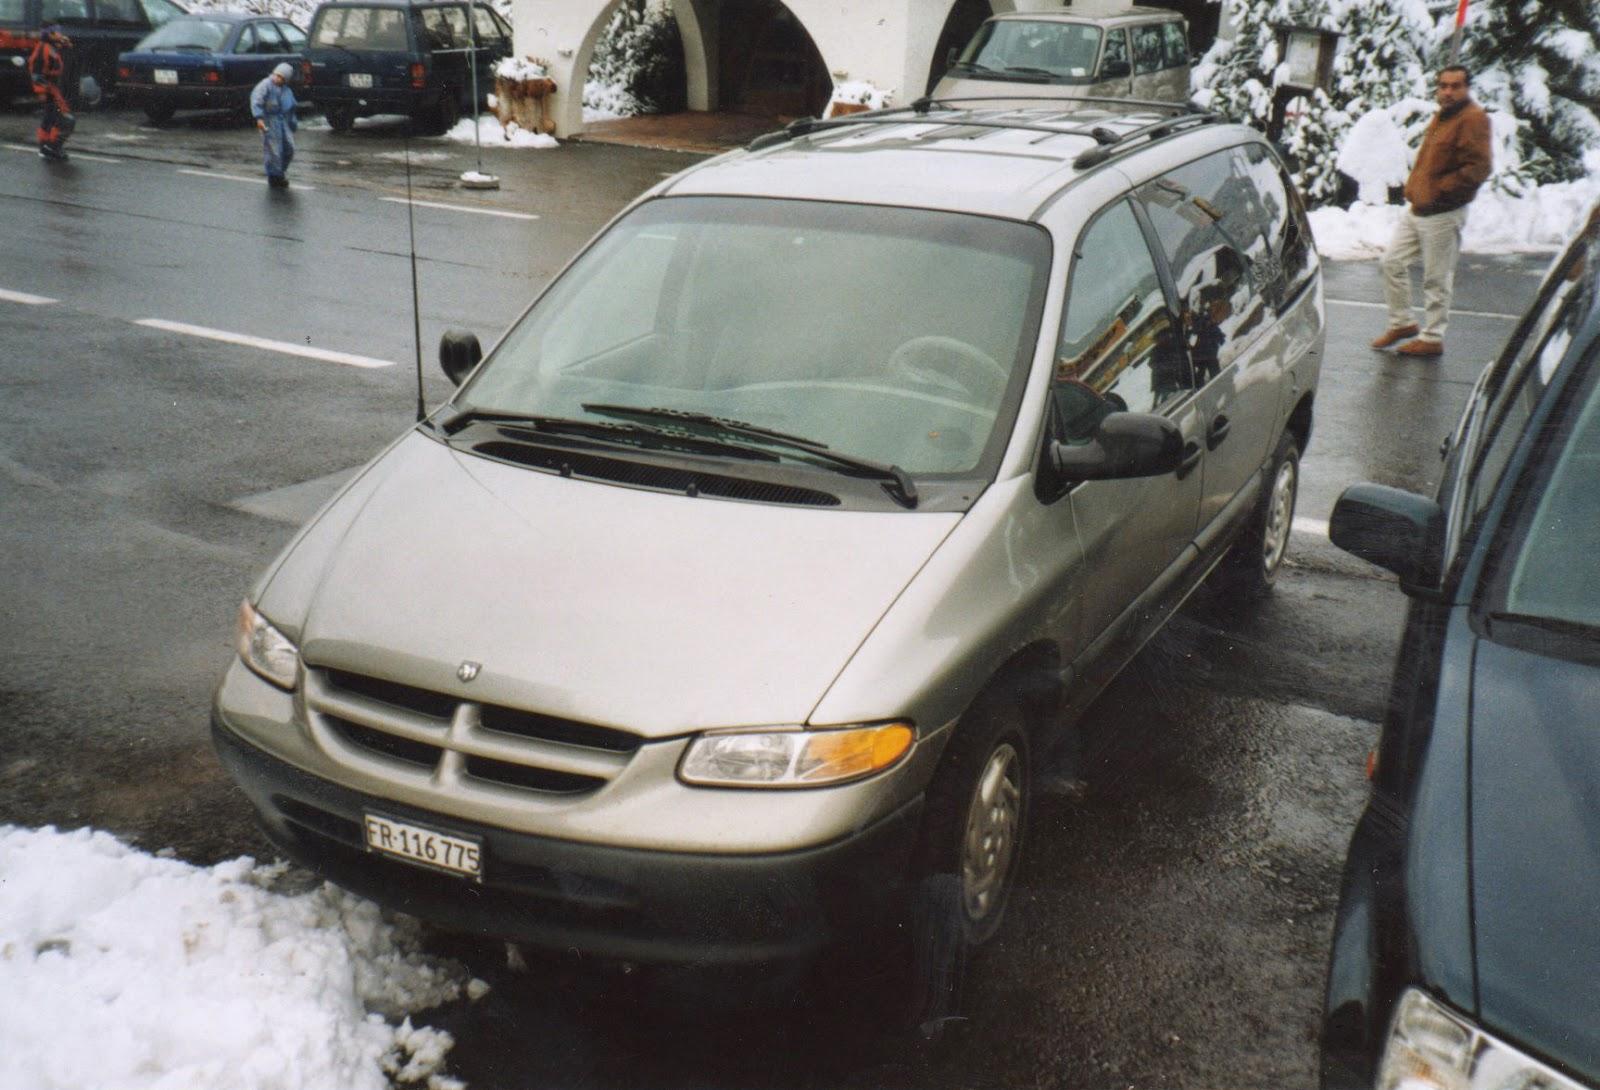 Spotacar 1996 1998 dodge caravan front switzerland